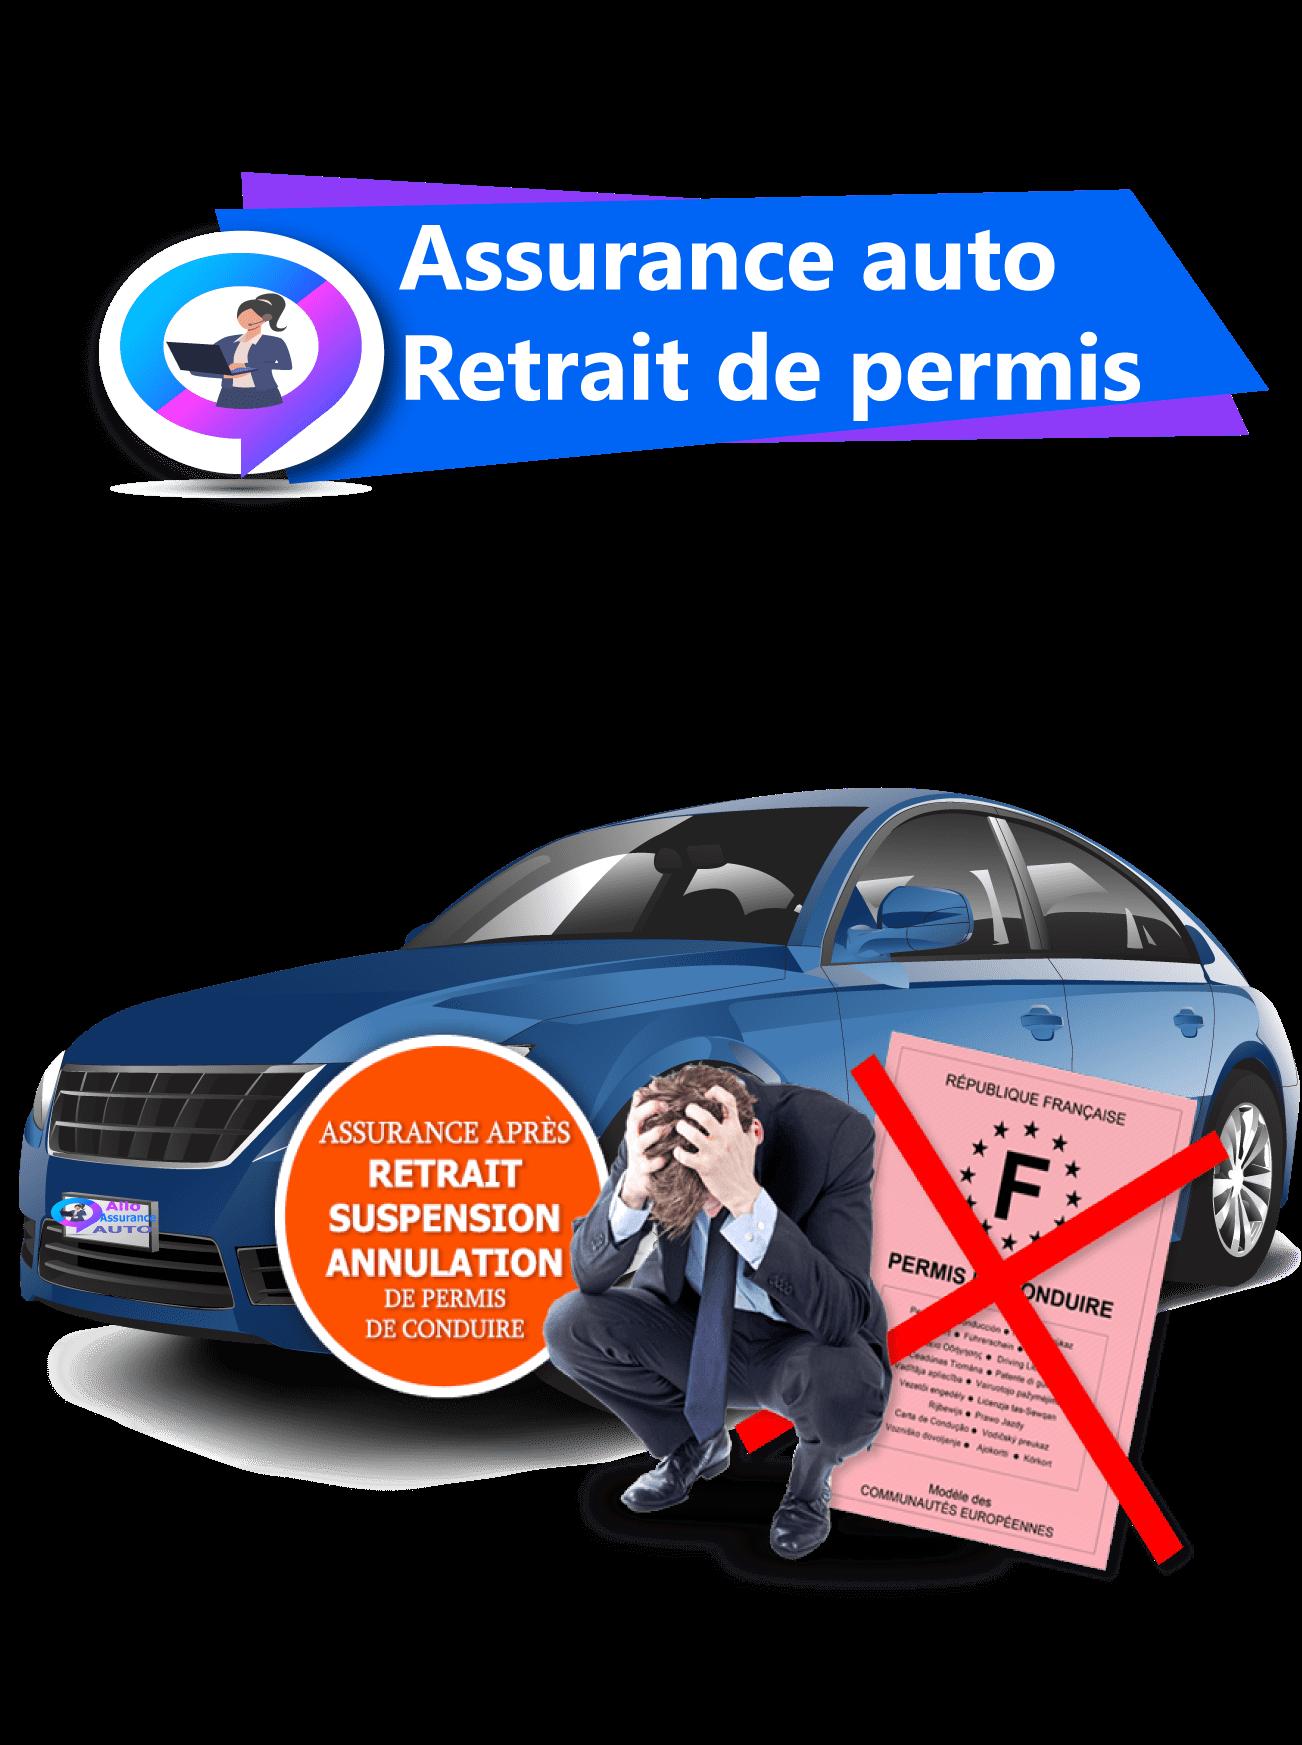 Assurance auto retrait permis